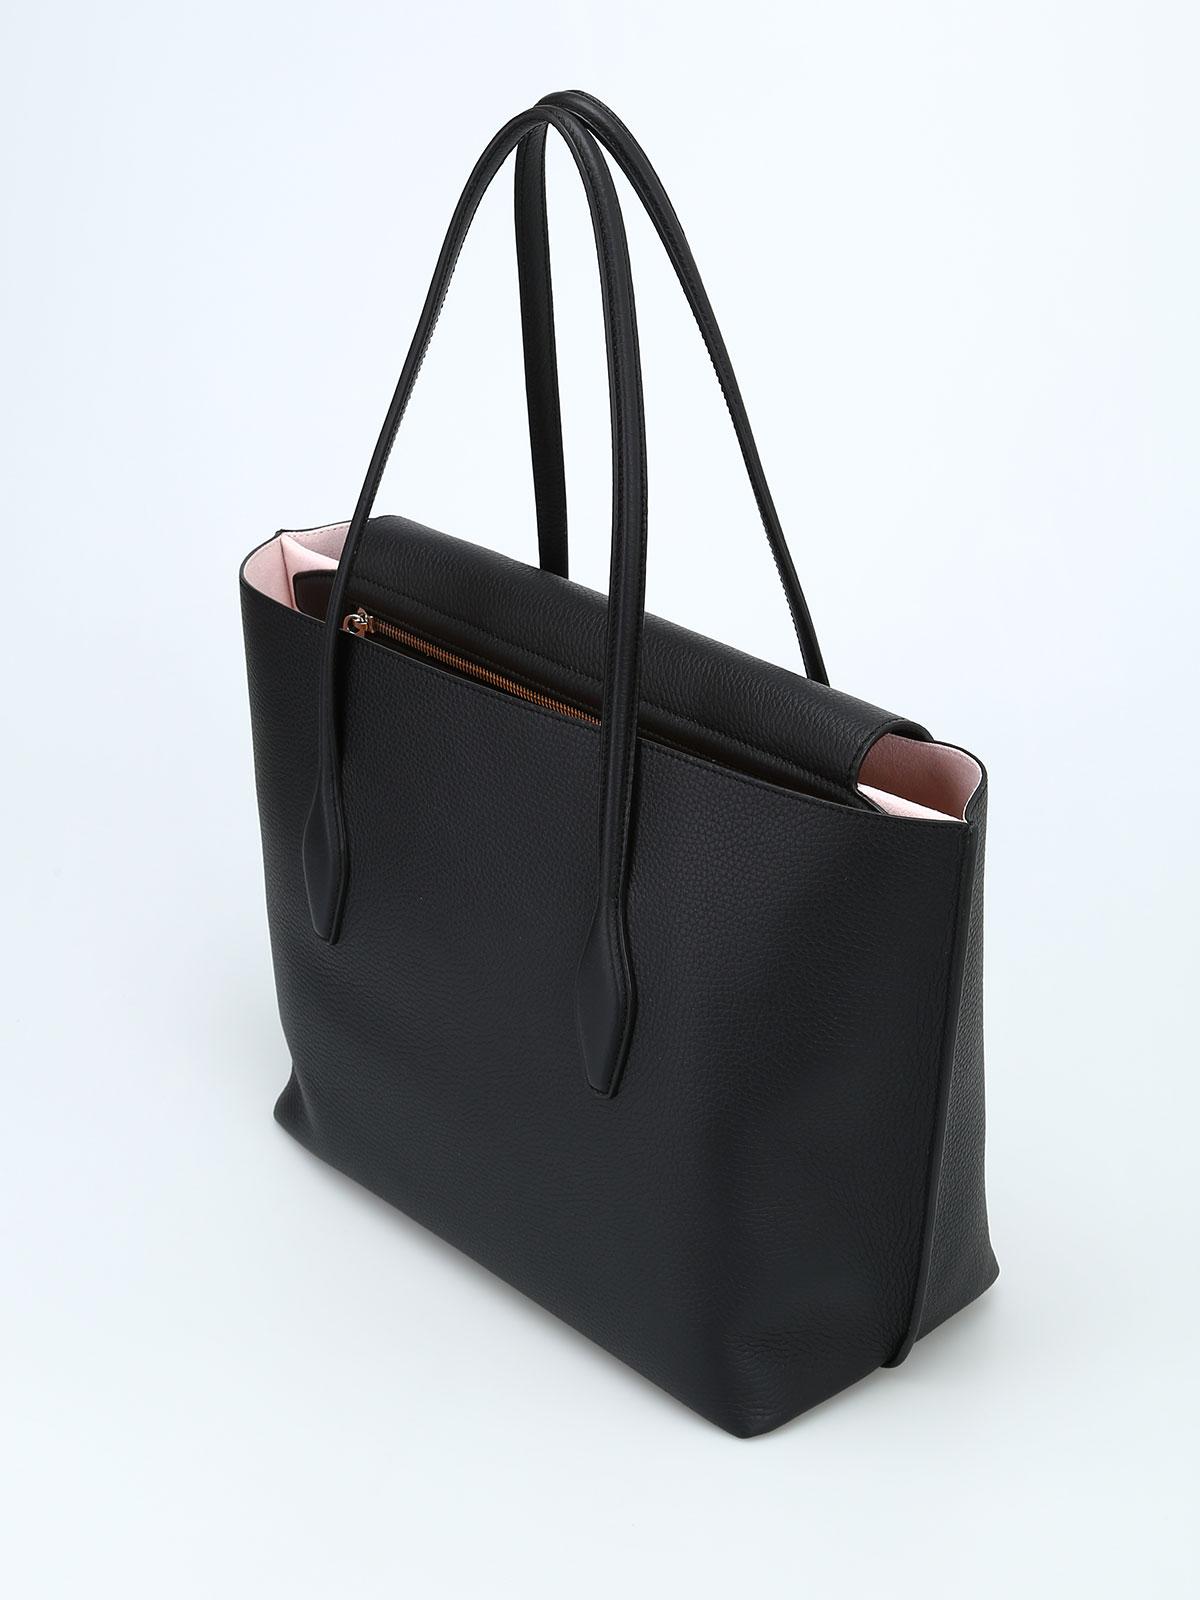 3d5a49e3d Tod'S - Shopper - Schwarz - Handtaschen - XBWANXA0300RIAB999 | iKRIX.com